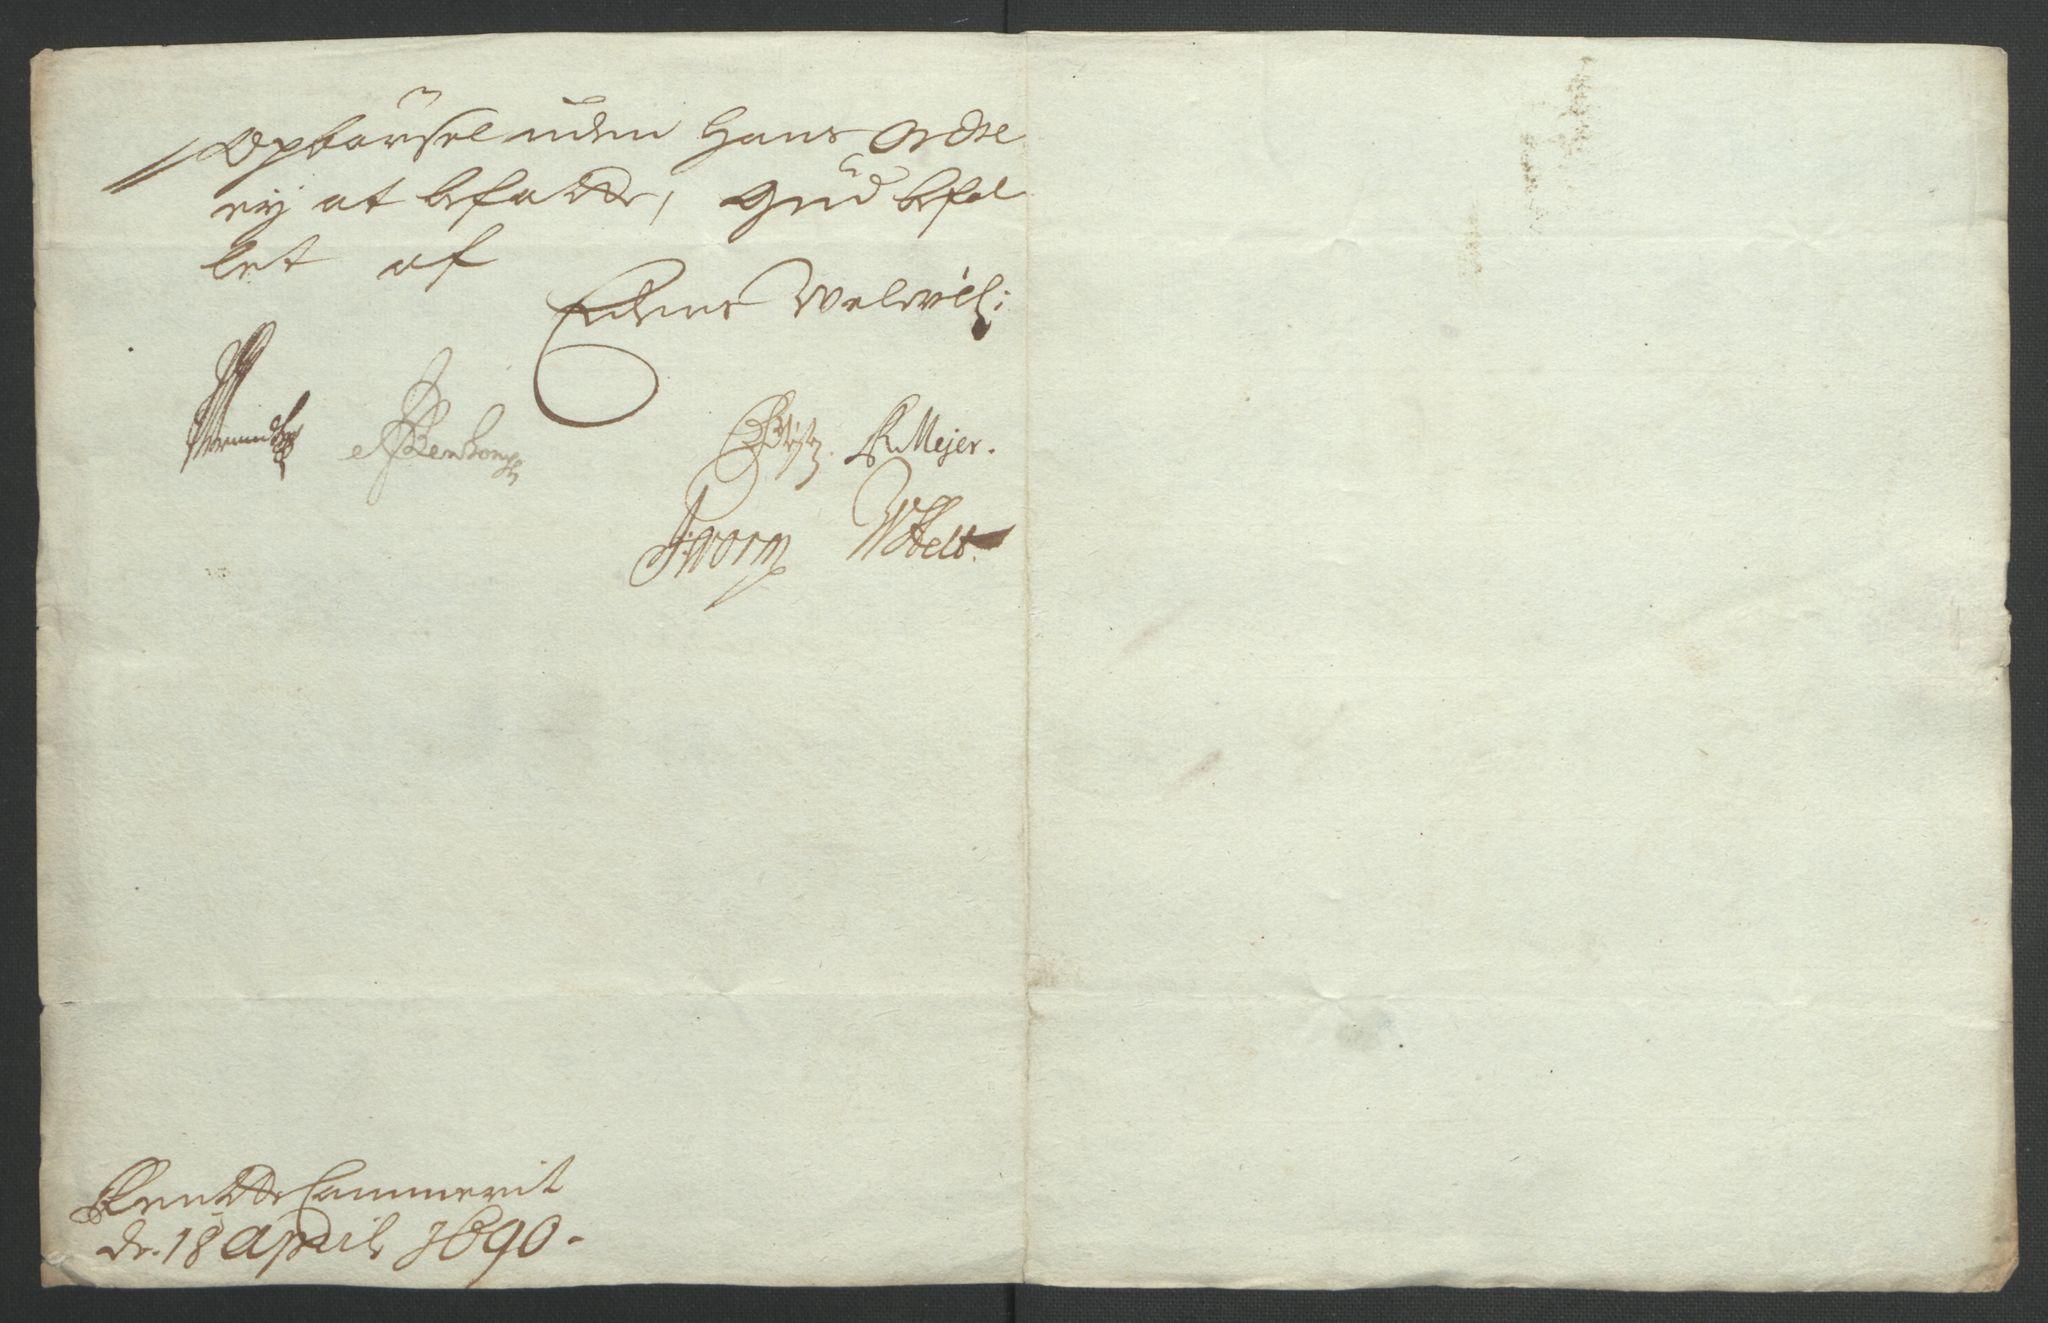 RA, Rentekammeret inntil 1814, Reviderte regnskaper, Fogderegnskap, R35/L2091: Fogderegnskap Øvre og Nedre Telemark, 1690-1693, s. 66